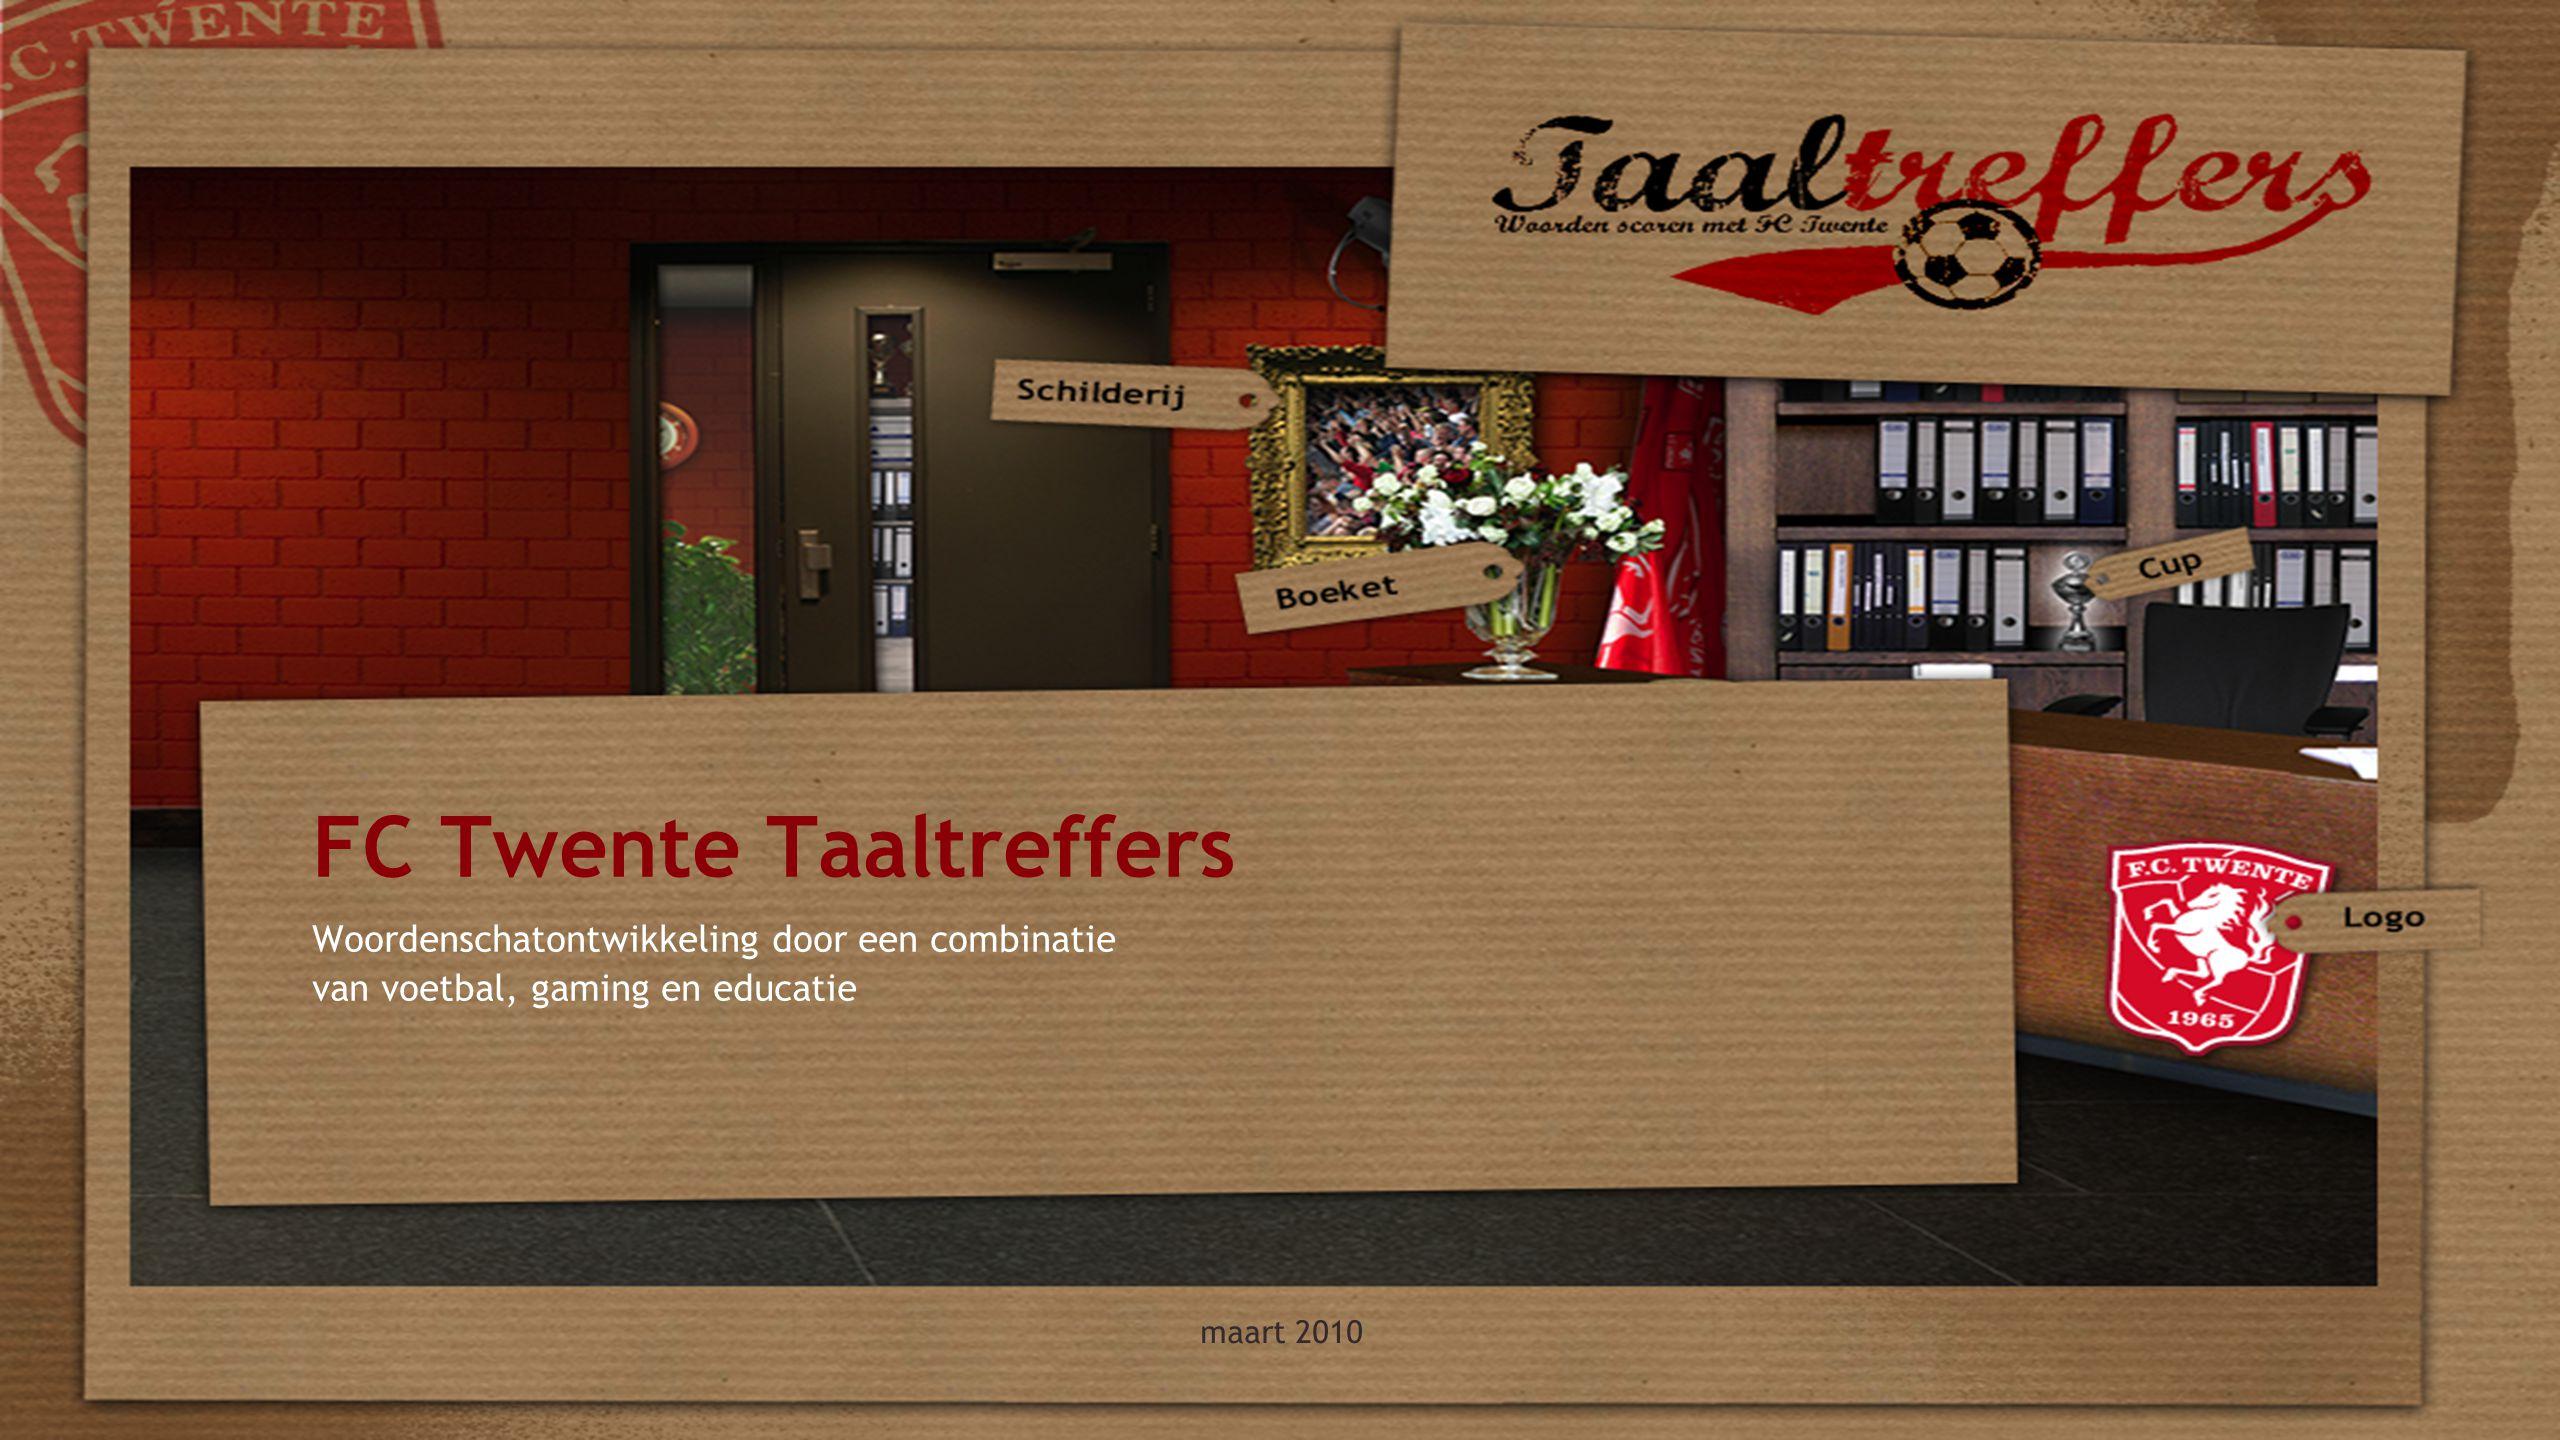 maart 2010 FC Twente Taaltreffers Woordenschatontwikkeling door een combinatie van voetbal, gaming en educatie